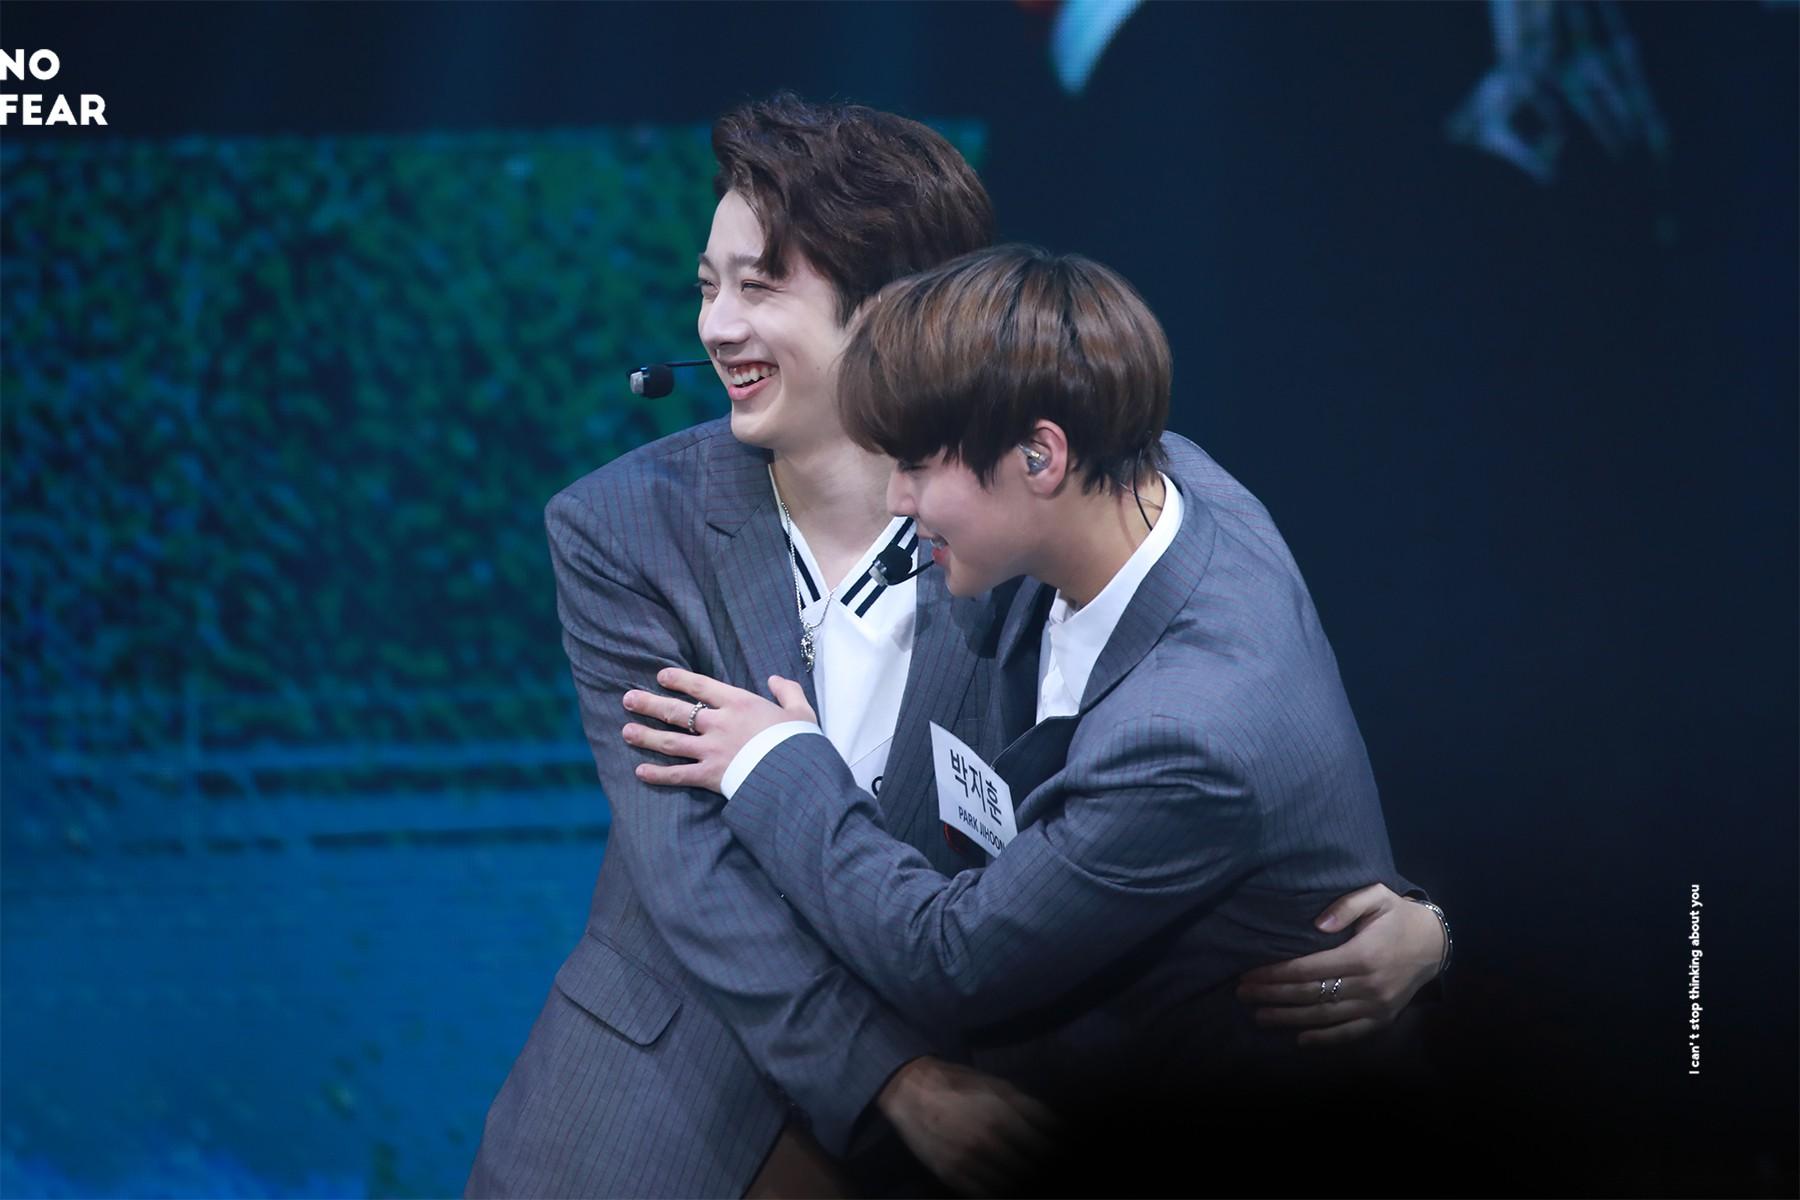 Những tình anh em trong giới giải trí Hàn Quốc khiến fan đẩy thuyền đam mỹ mê mệt (P.2) - Ảnh 4.